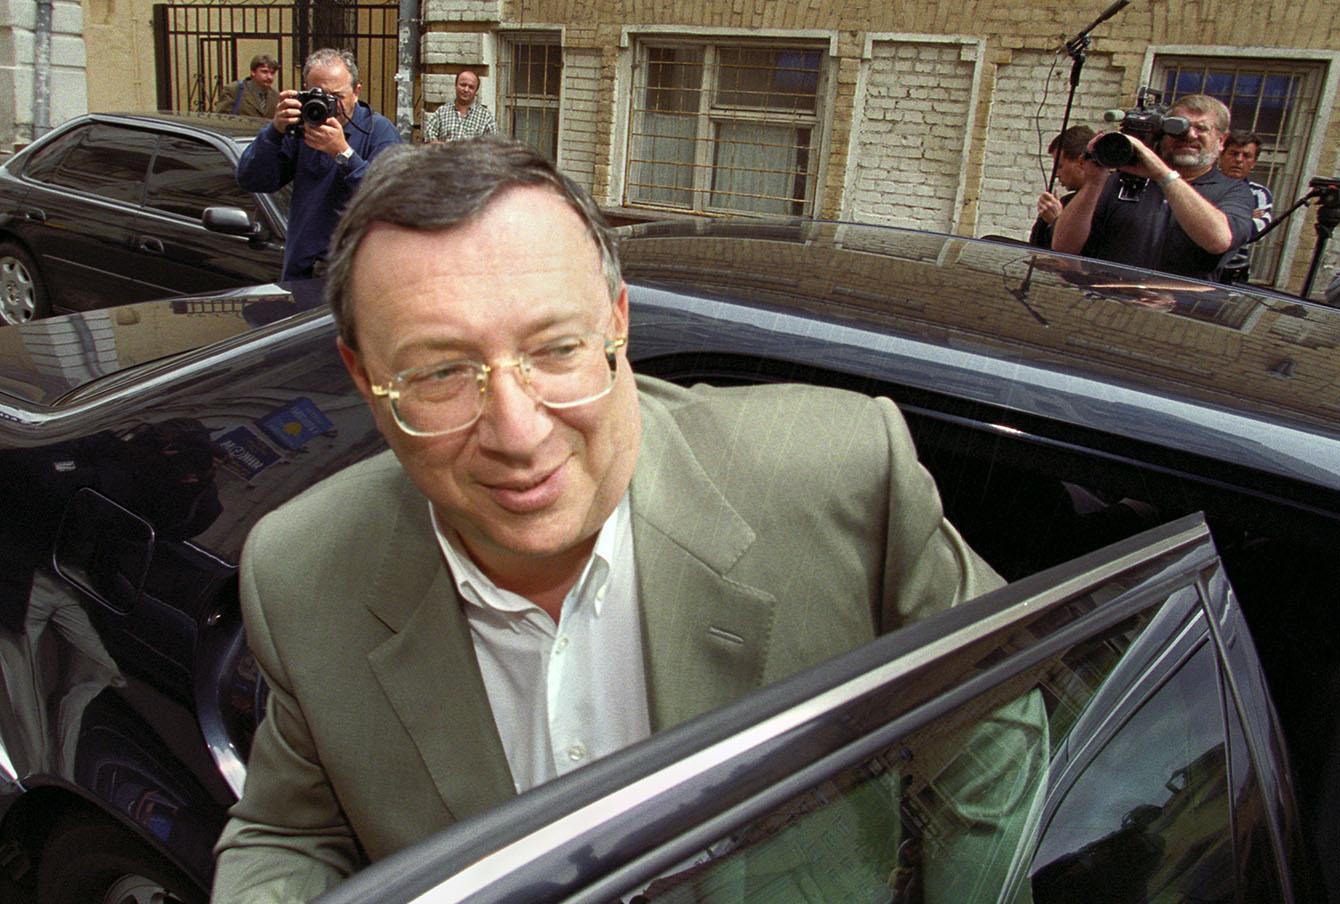 Владелец НТВ Владимир Гусинский прибывает на допрос в Генпрокуратуру, 2000 год.